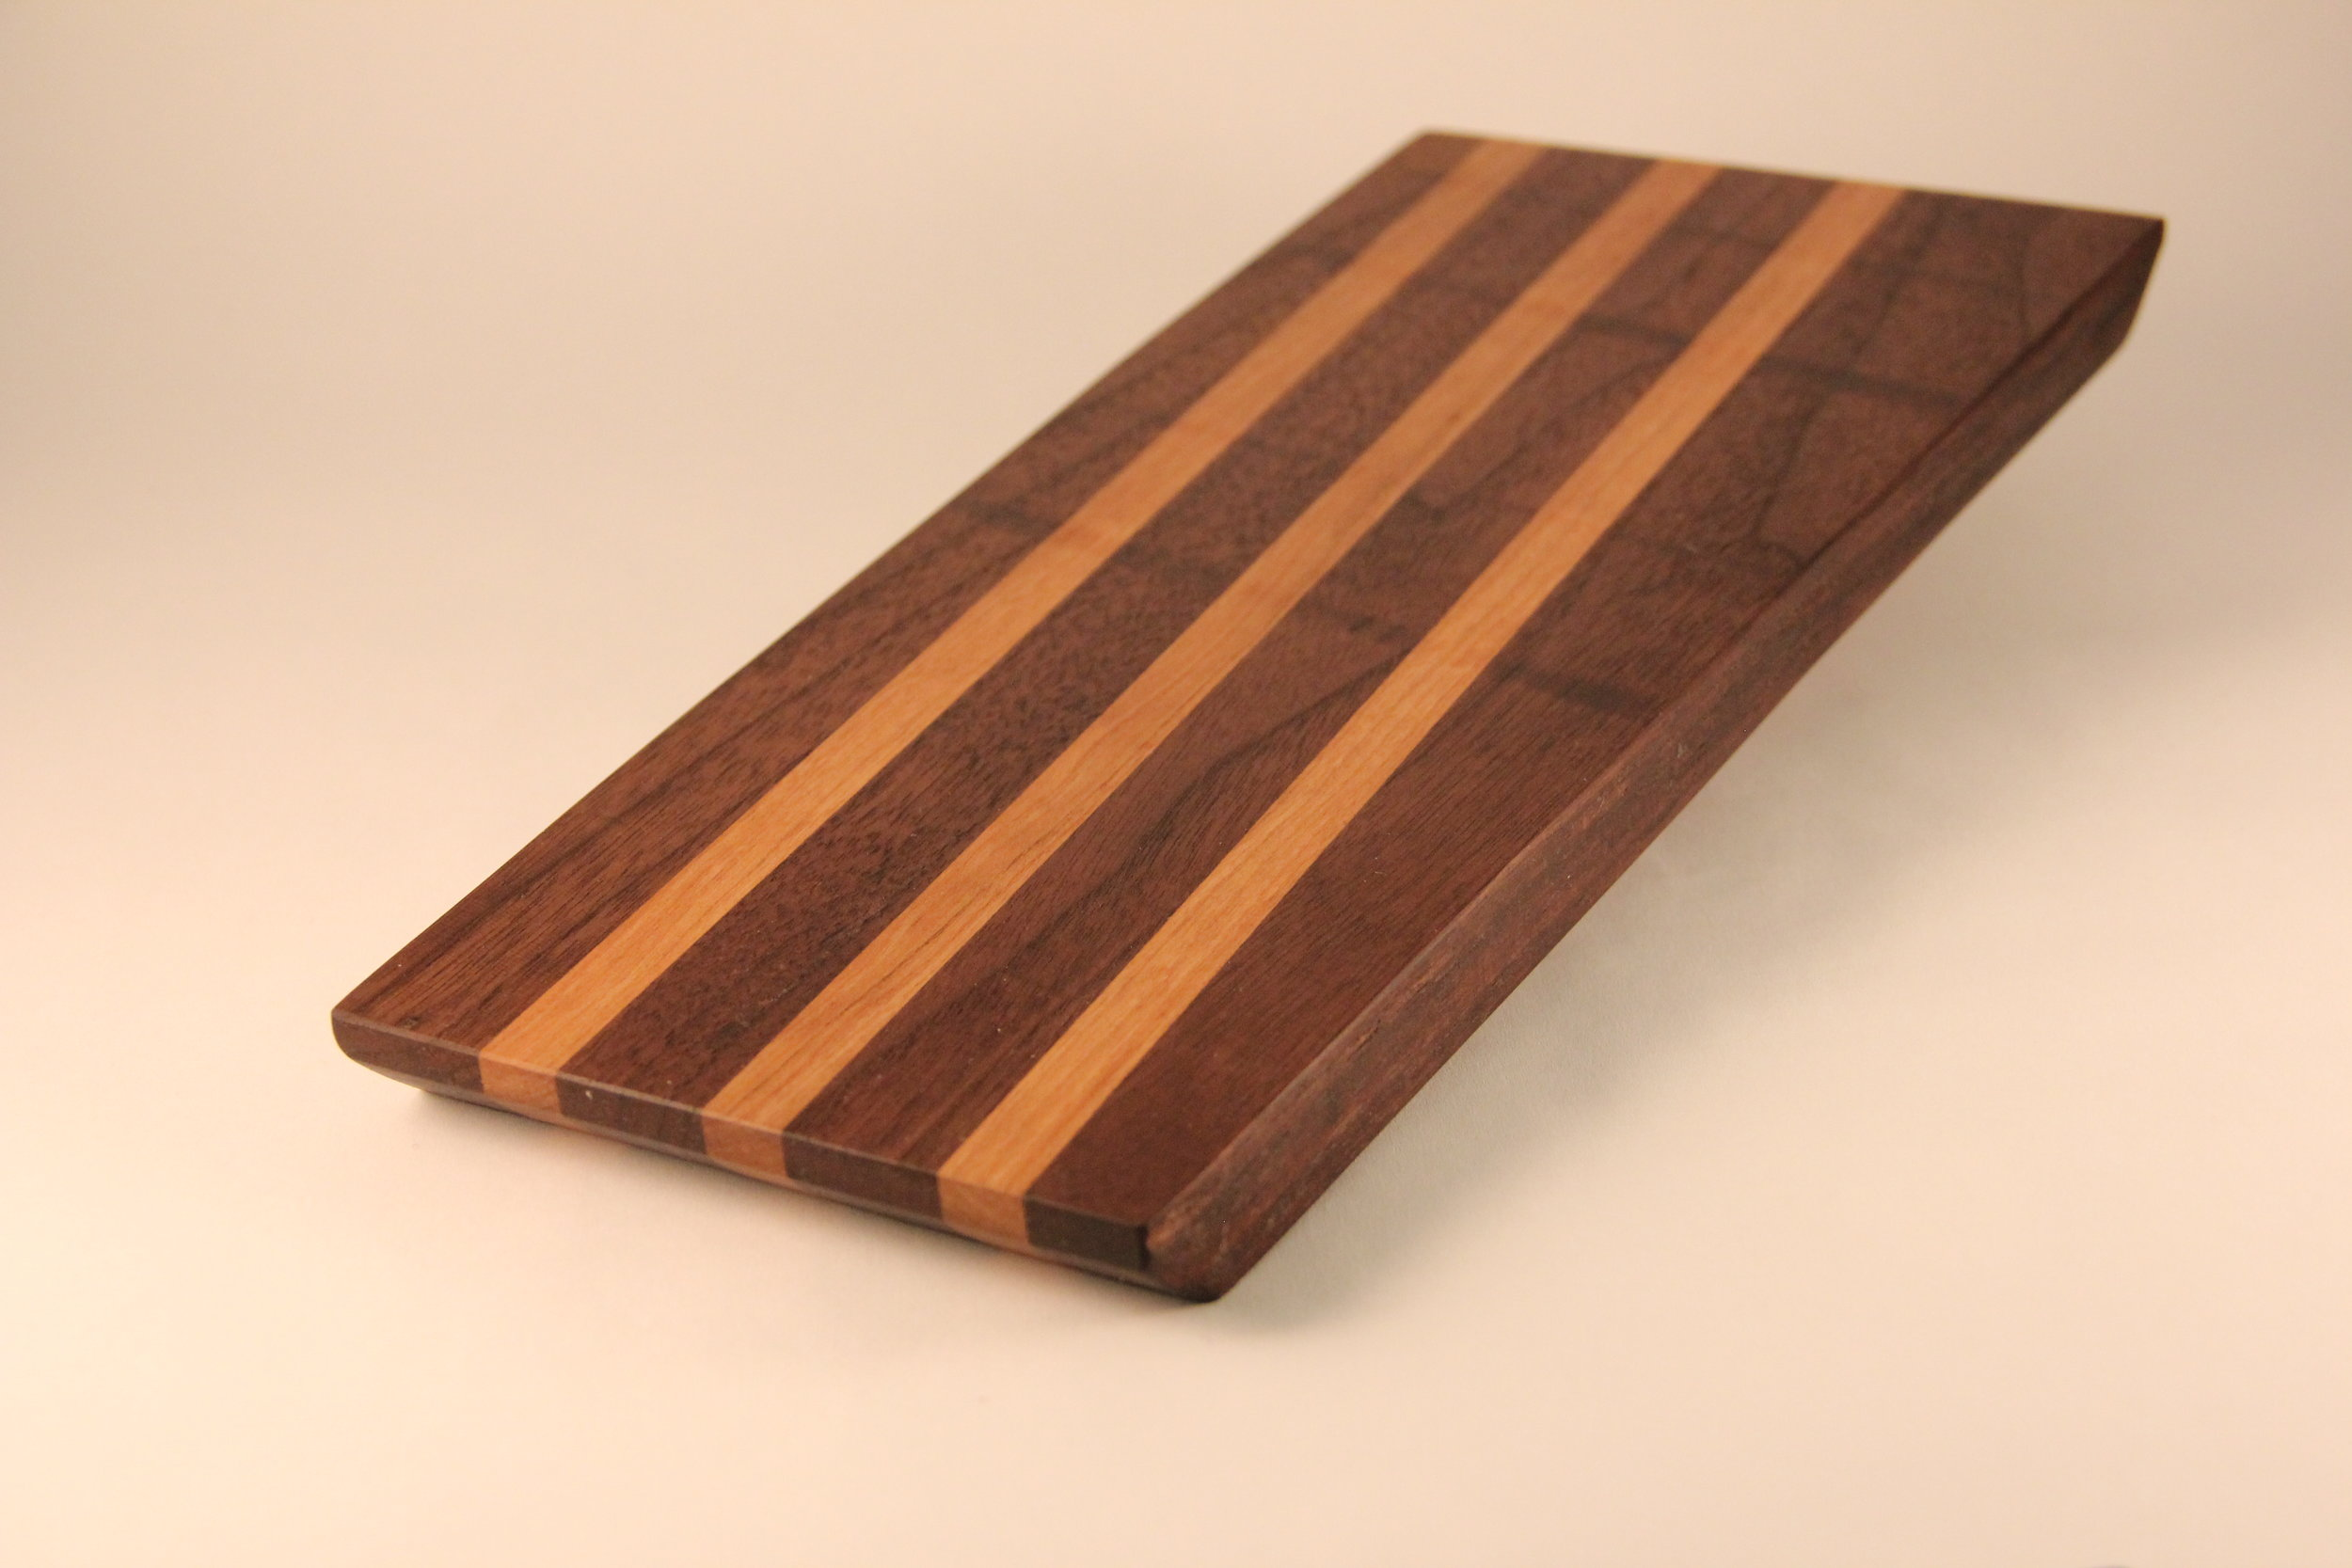 Walnut and Cherry Long Grain Bar Board